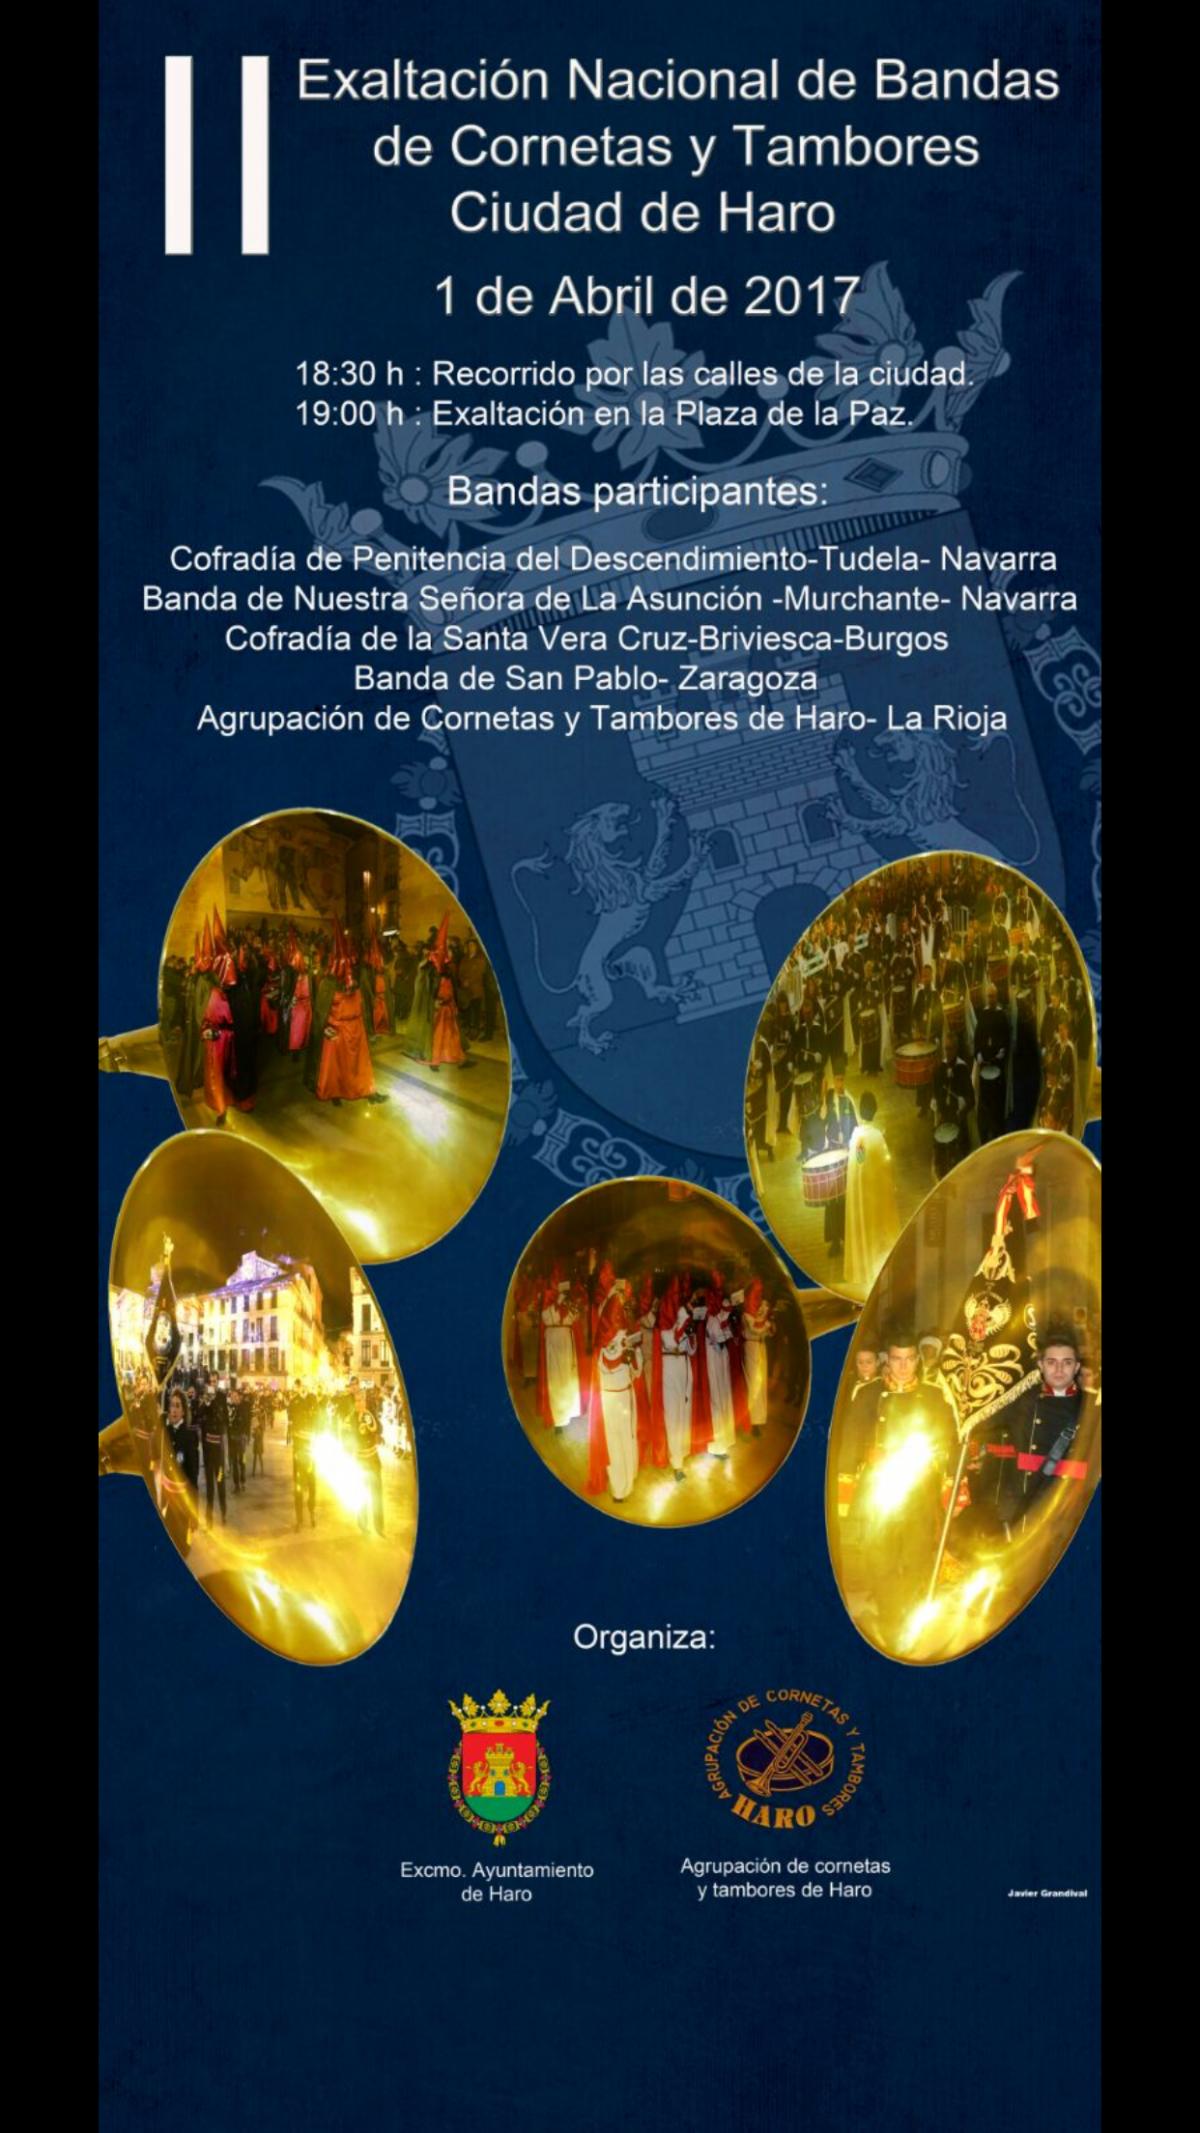 La nueva edición de la exaltación de bandas de Haro, preludio de Semana Santa 1